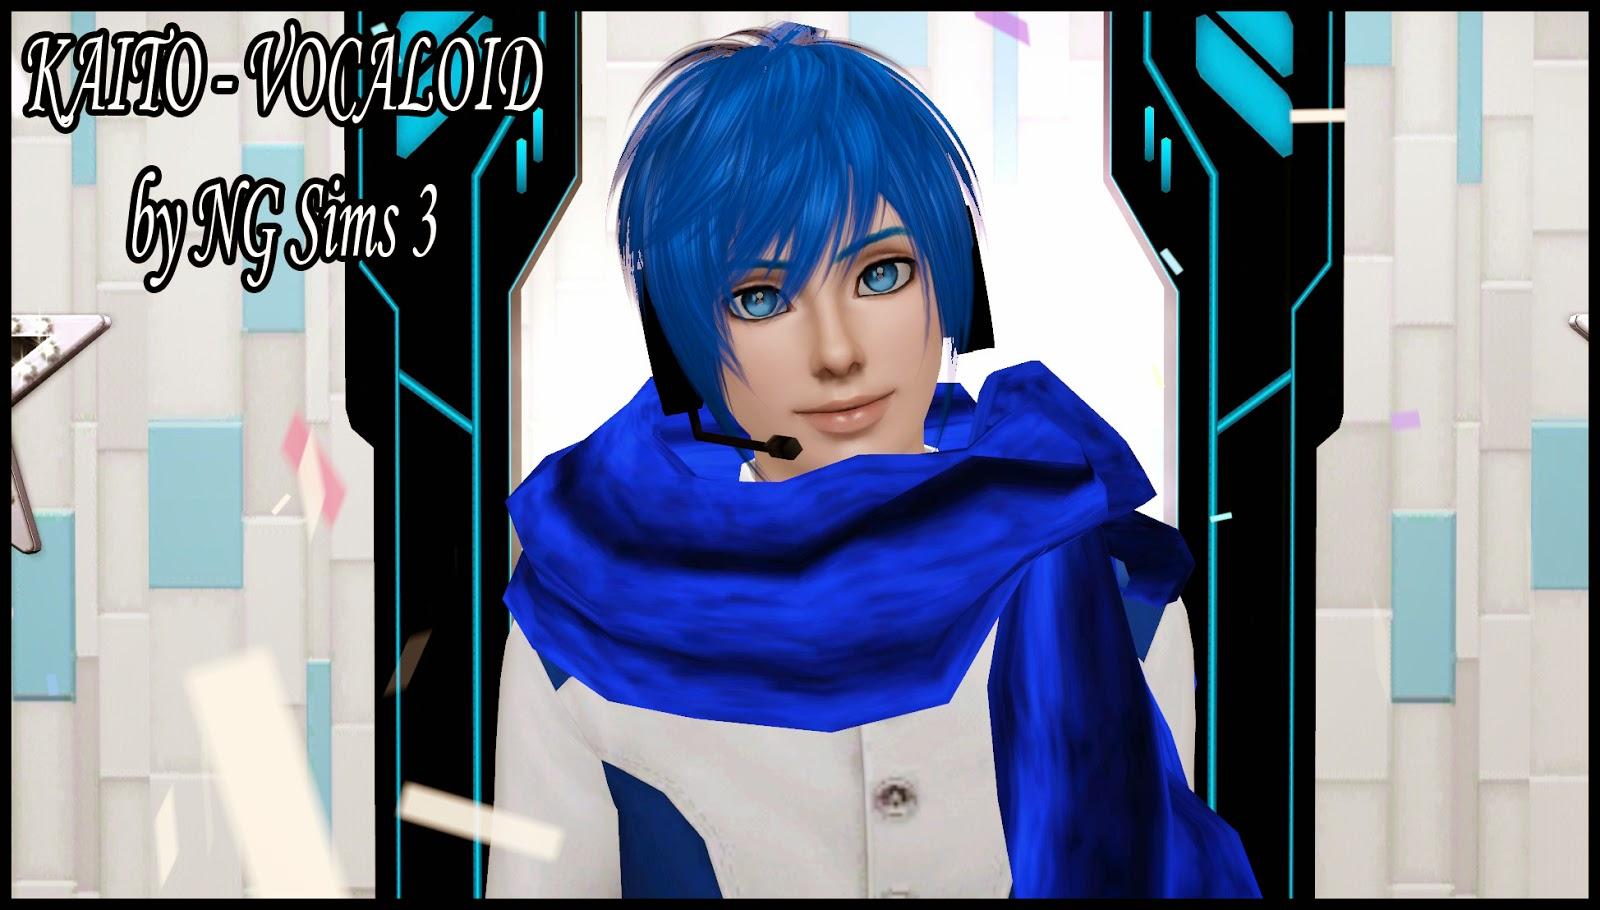 Ng Sims 3 Kaito Vocaloid Sims